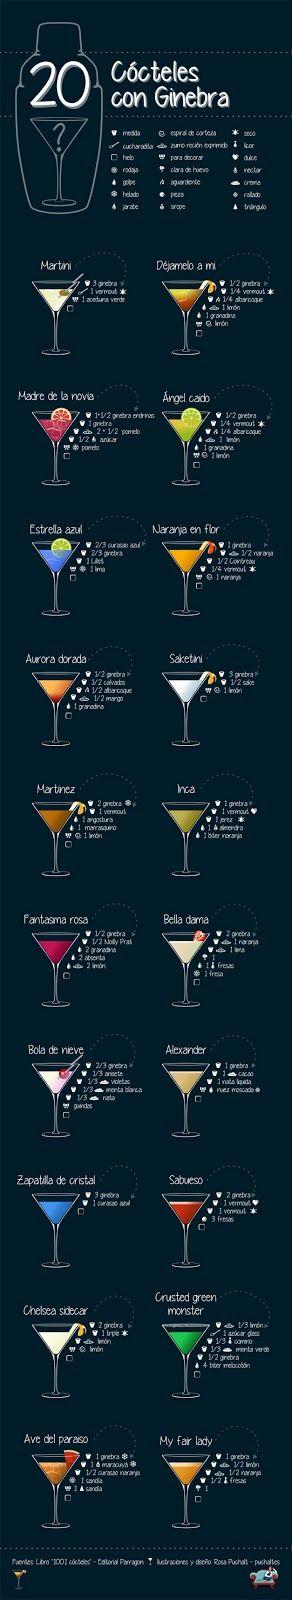 20 Recetas de Cocktails con Gin